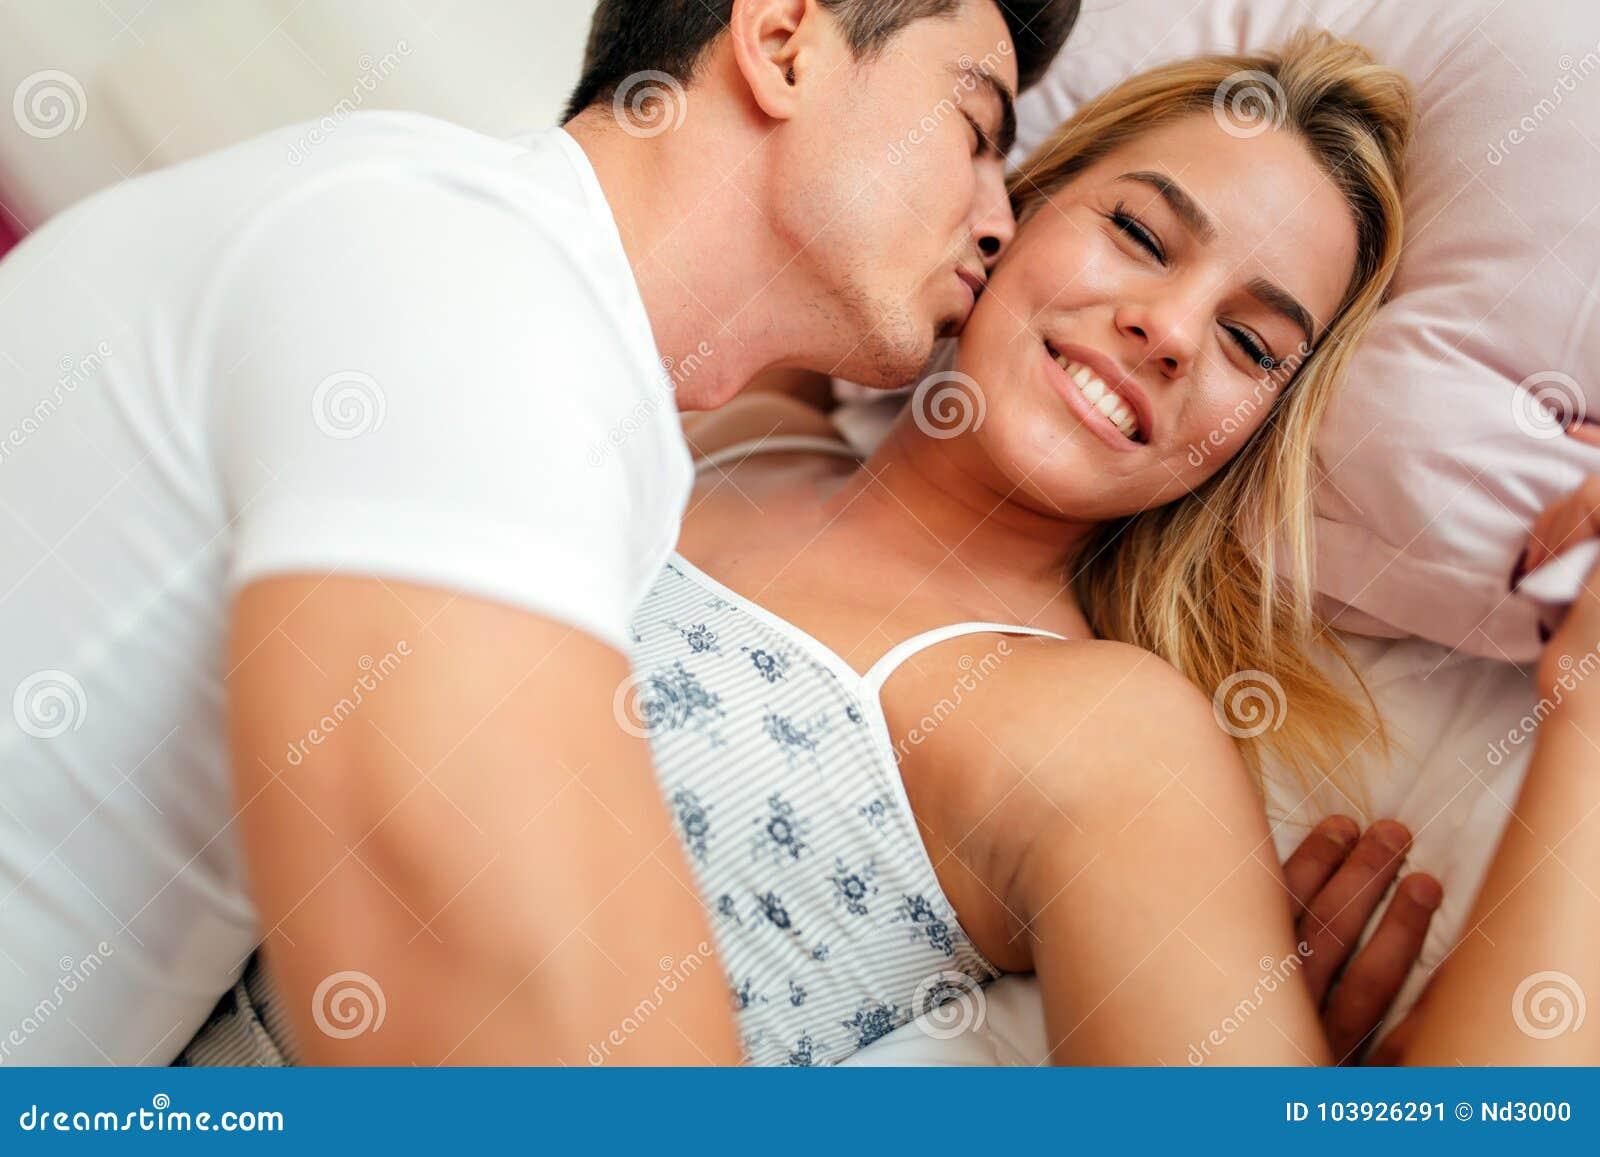 Indiano caucasico dating